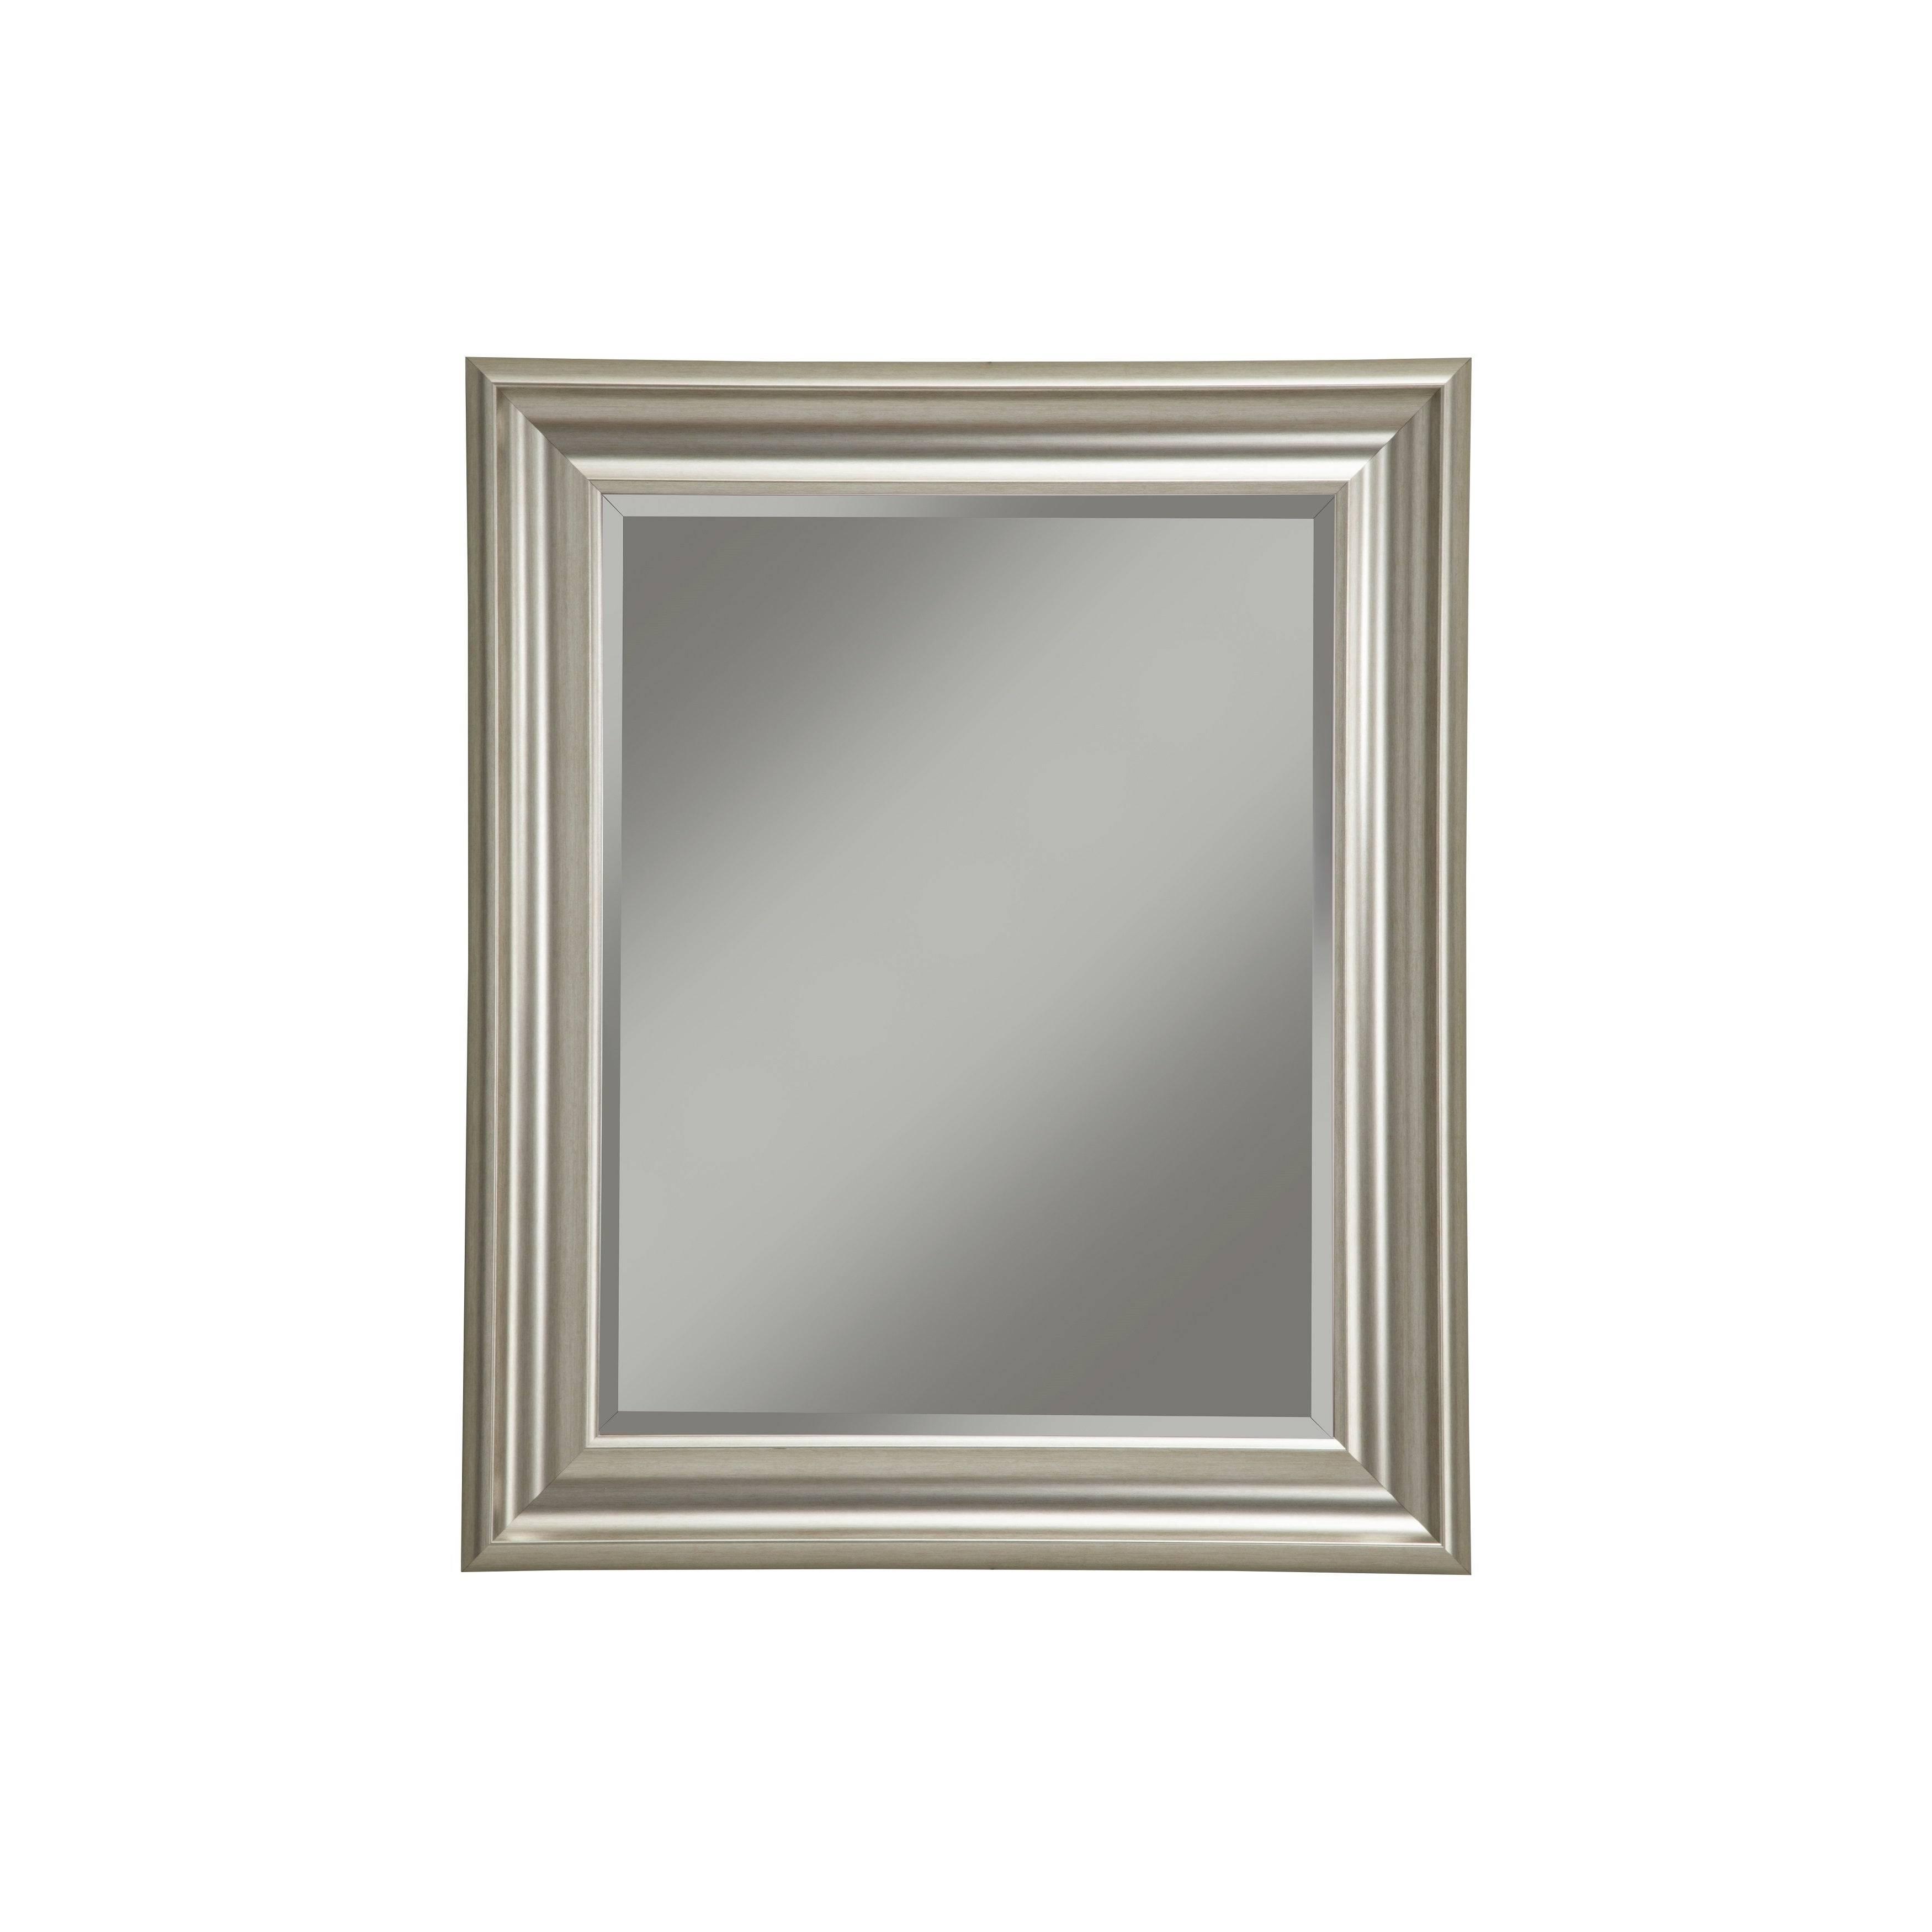 Sandberg Furniture Champagne Silver Wall Mirror 36 x 30 inch c3f4f1e1 ff68 4b18 821f a522c4